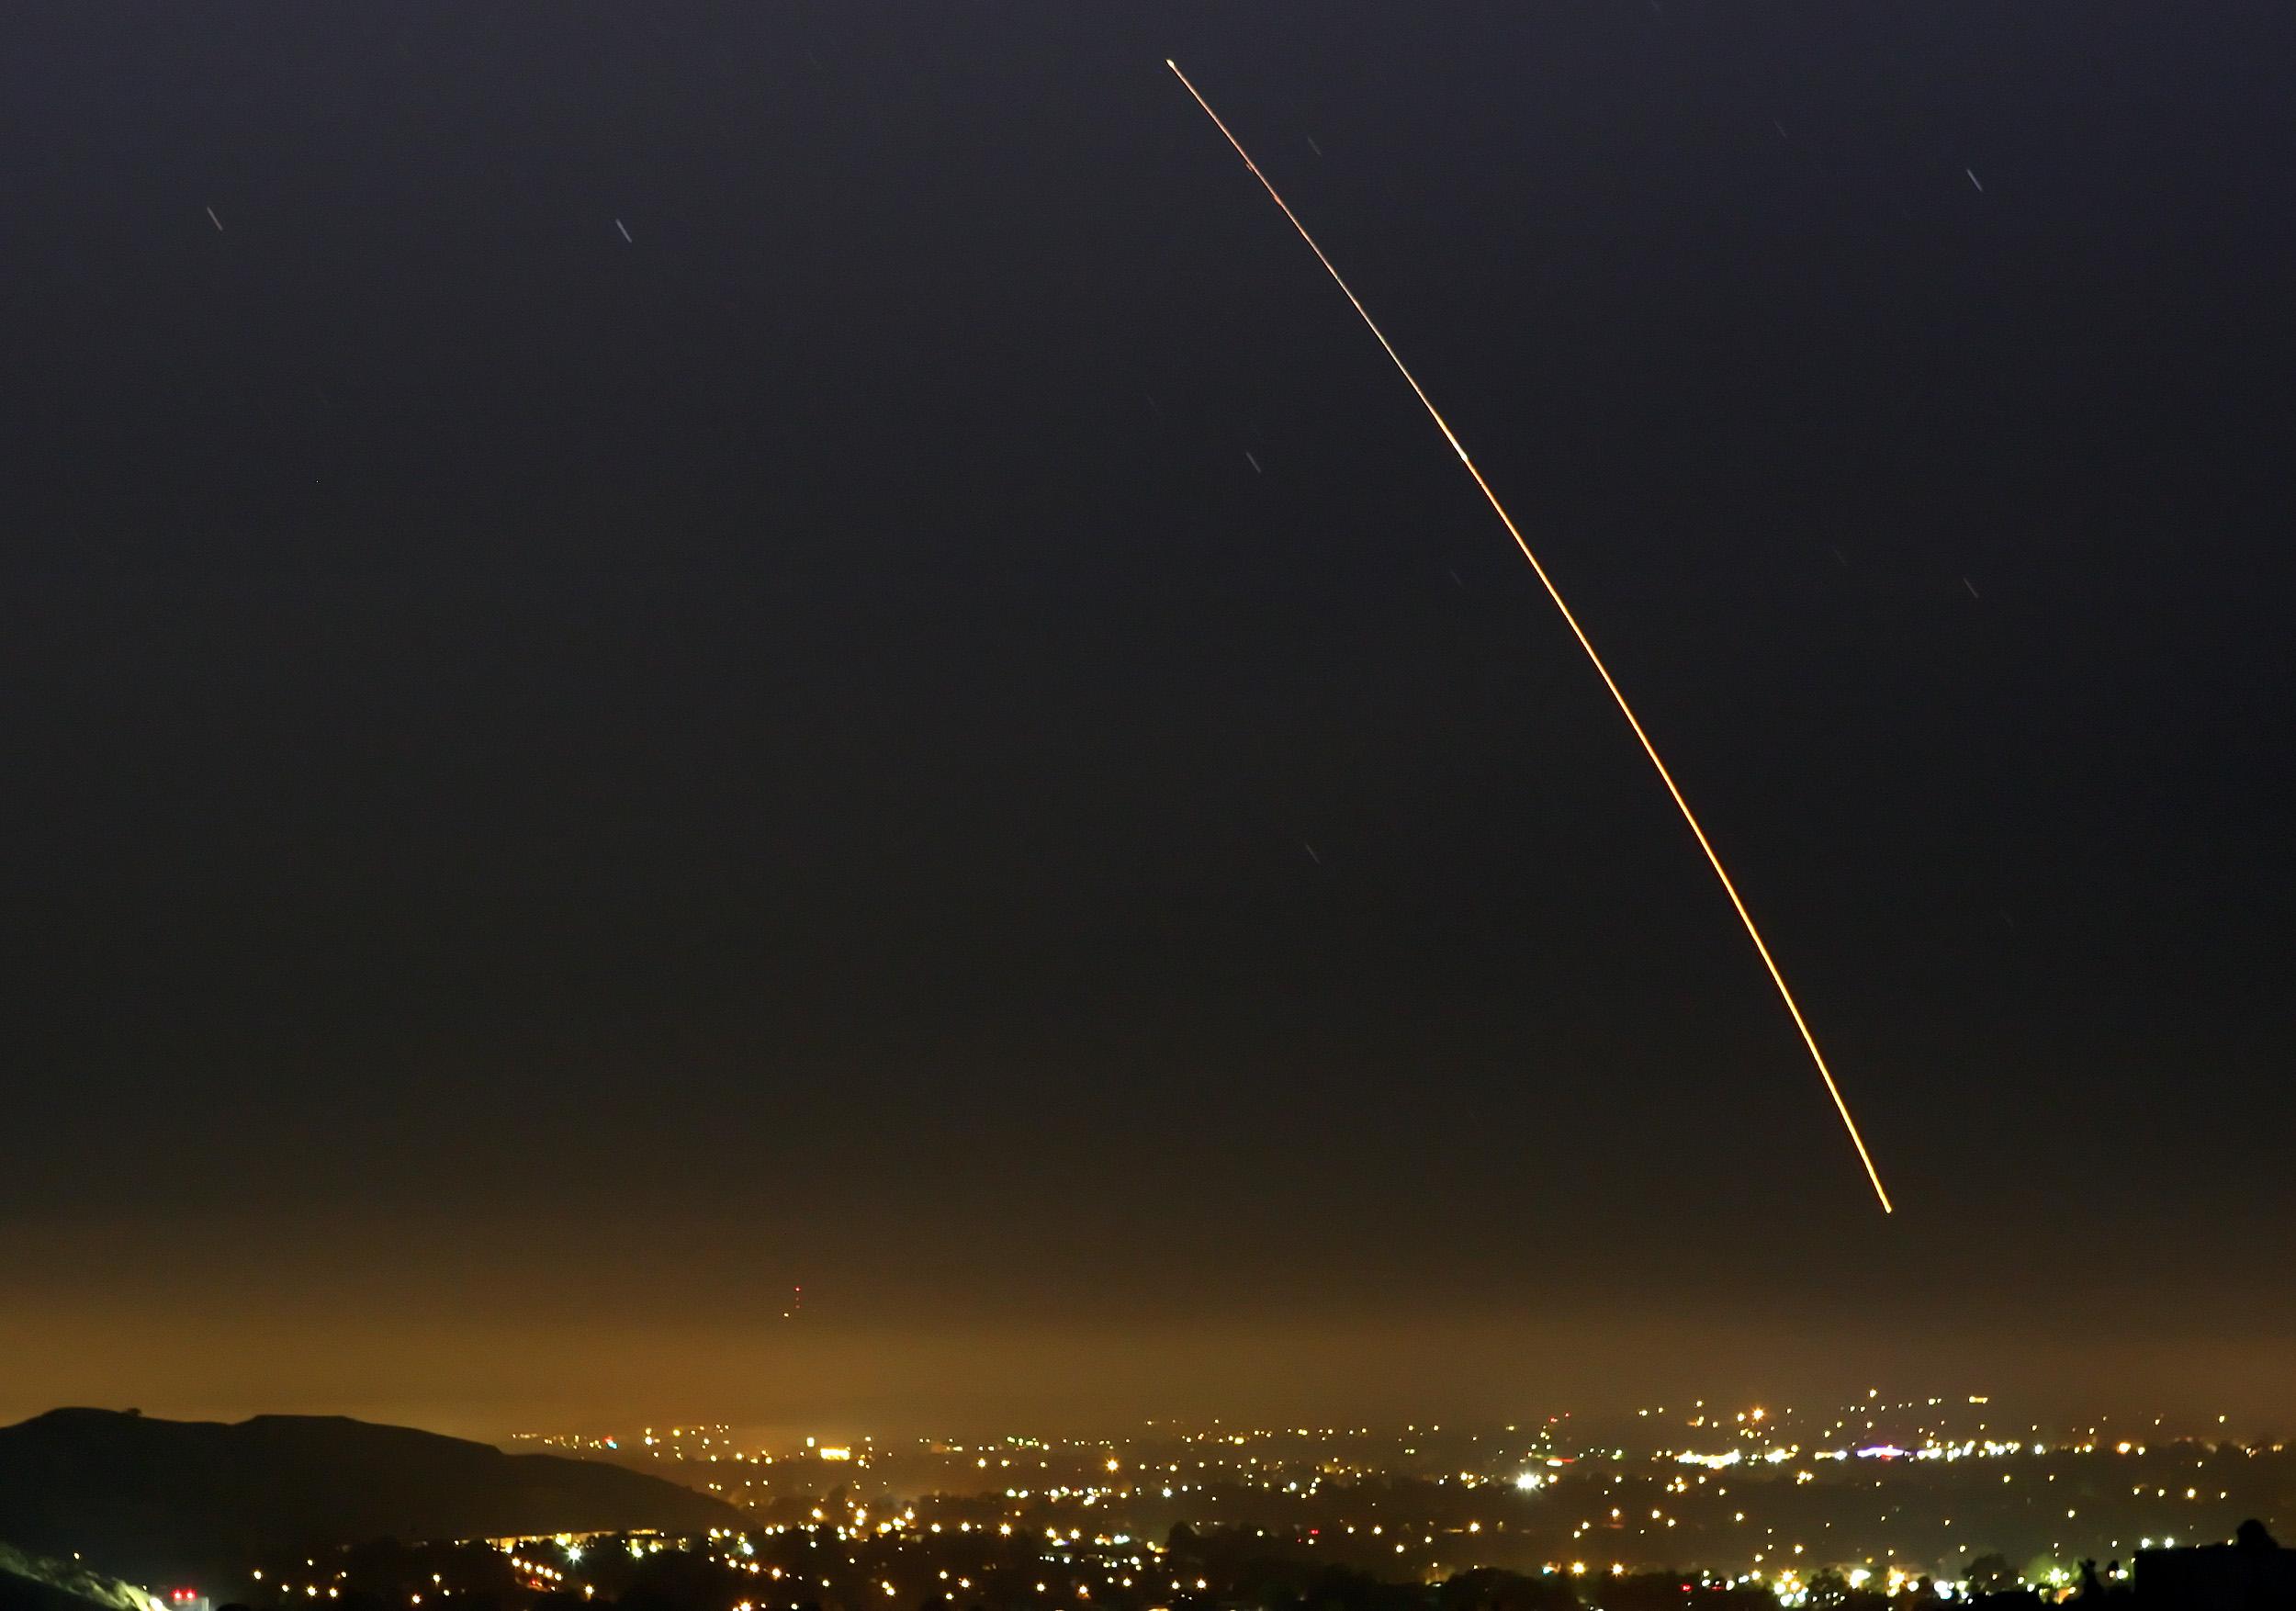 Corea del Norte Ataca de Nuevo: Misil Balístico Disparado desde Pyongsong